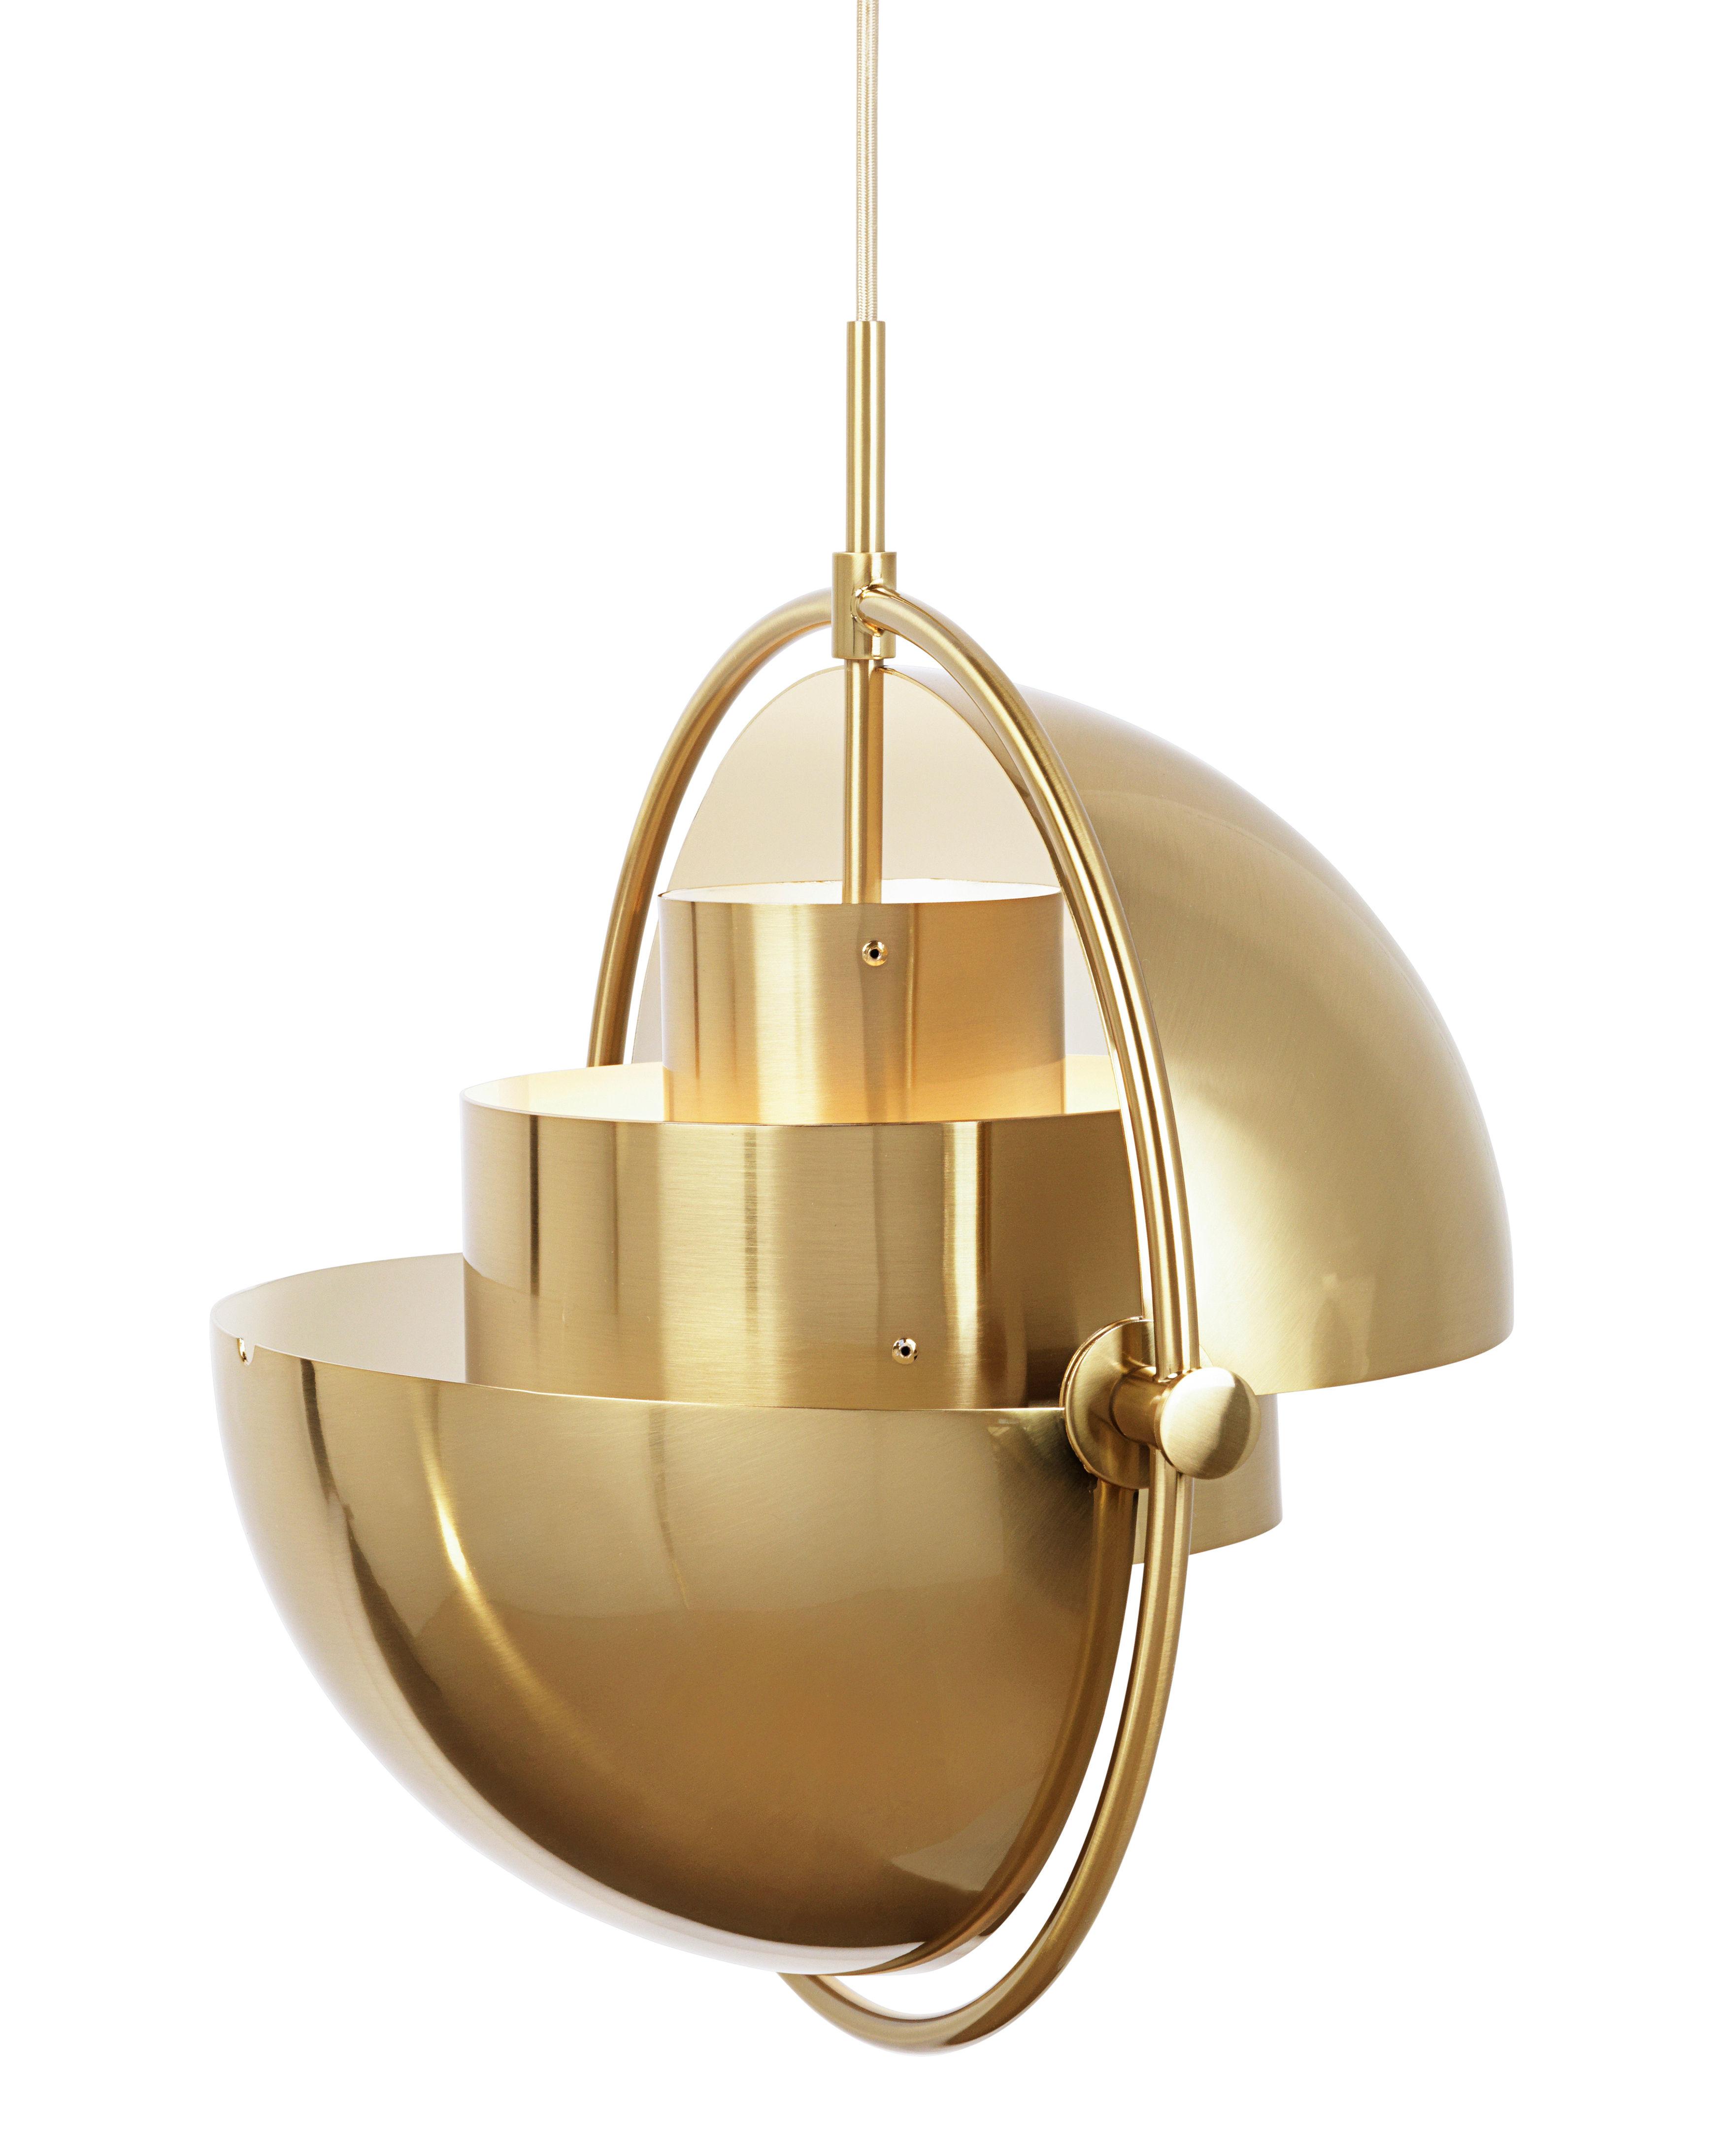 Luminaire - Suspensions - Suspension Multi-Lite / Modulable & orientable - Réédition 1972 - Gubi - Laiton - Métal